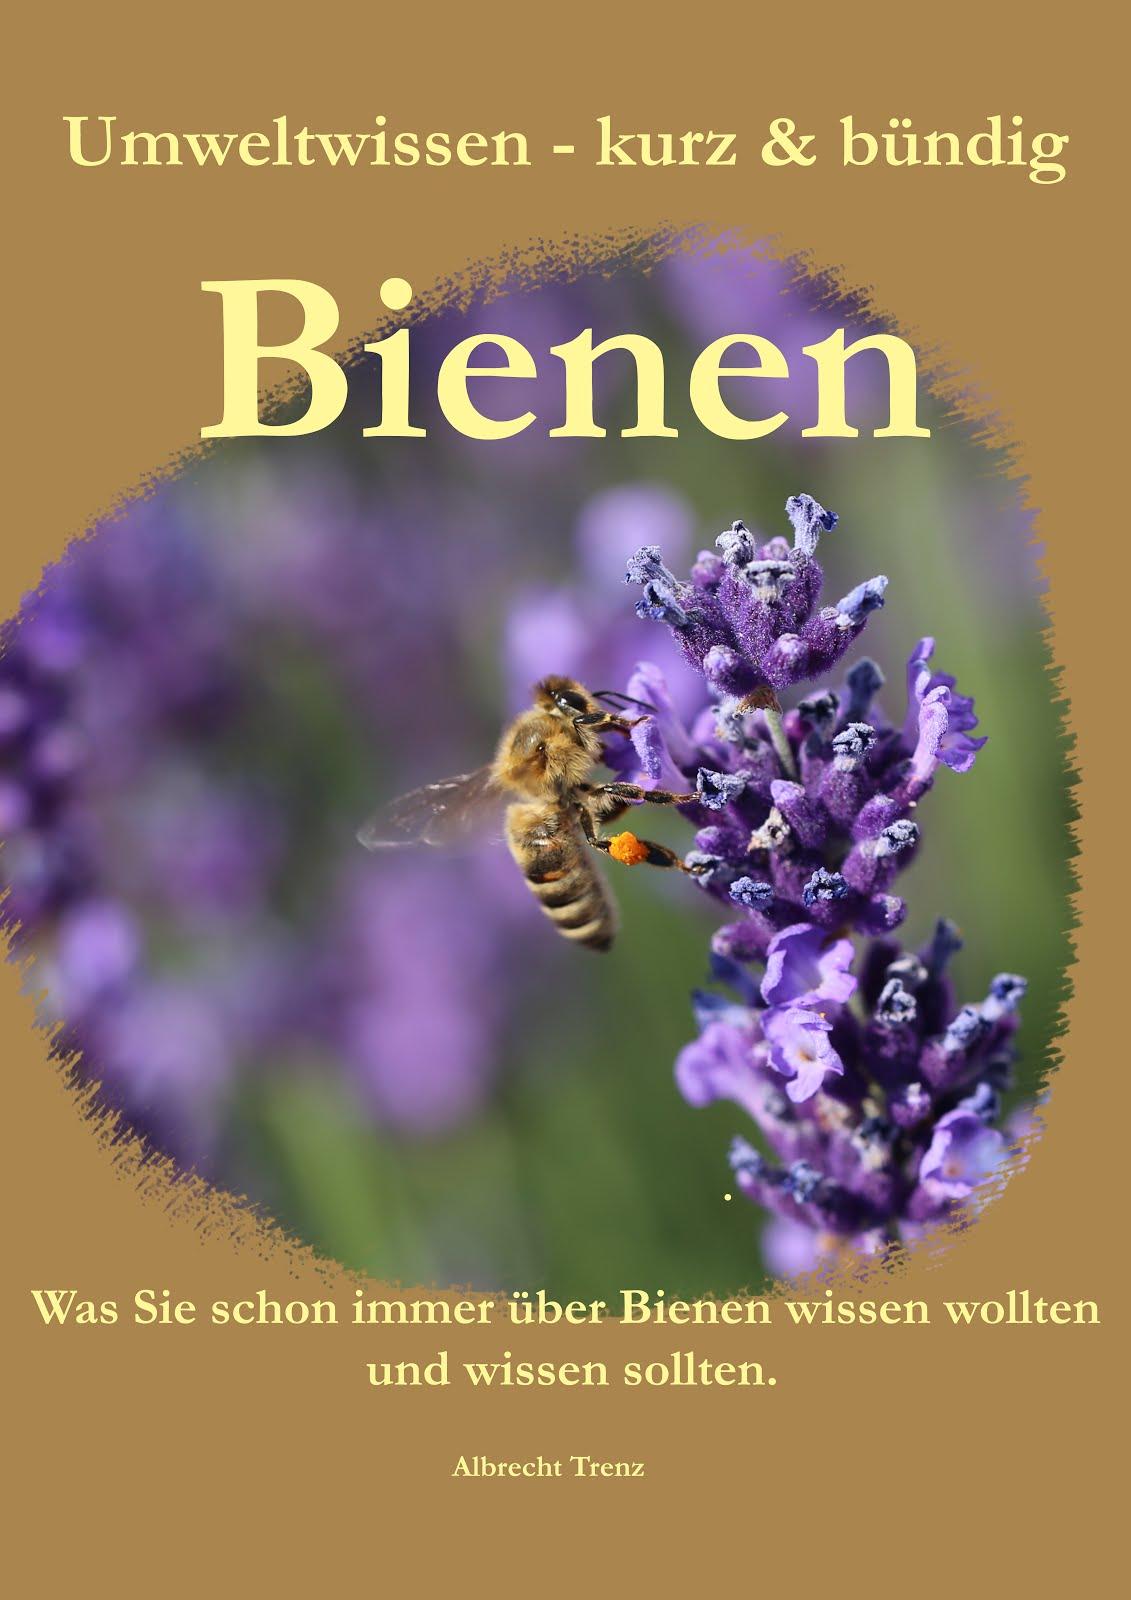 Was Sie schon immer über Bienen wissen wollten.